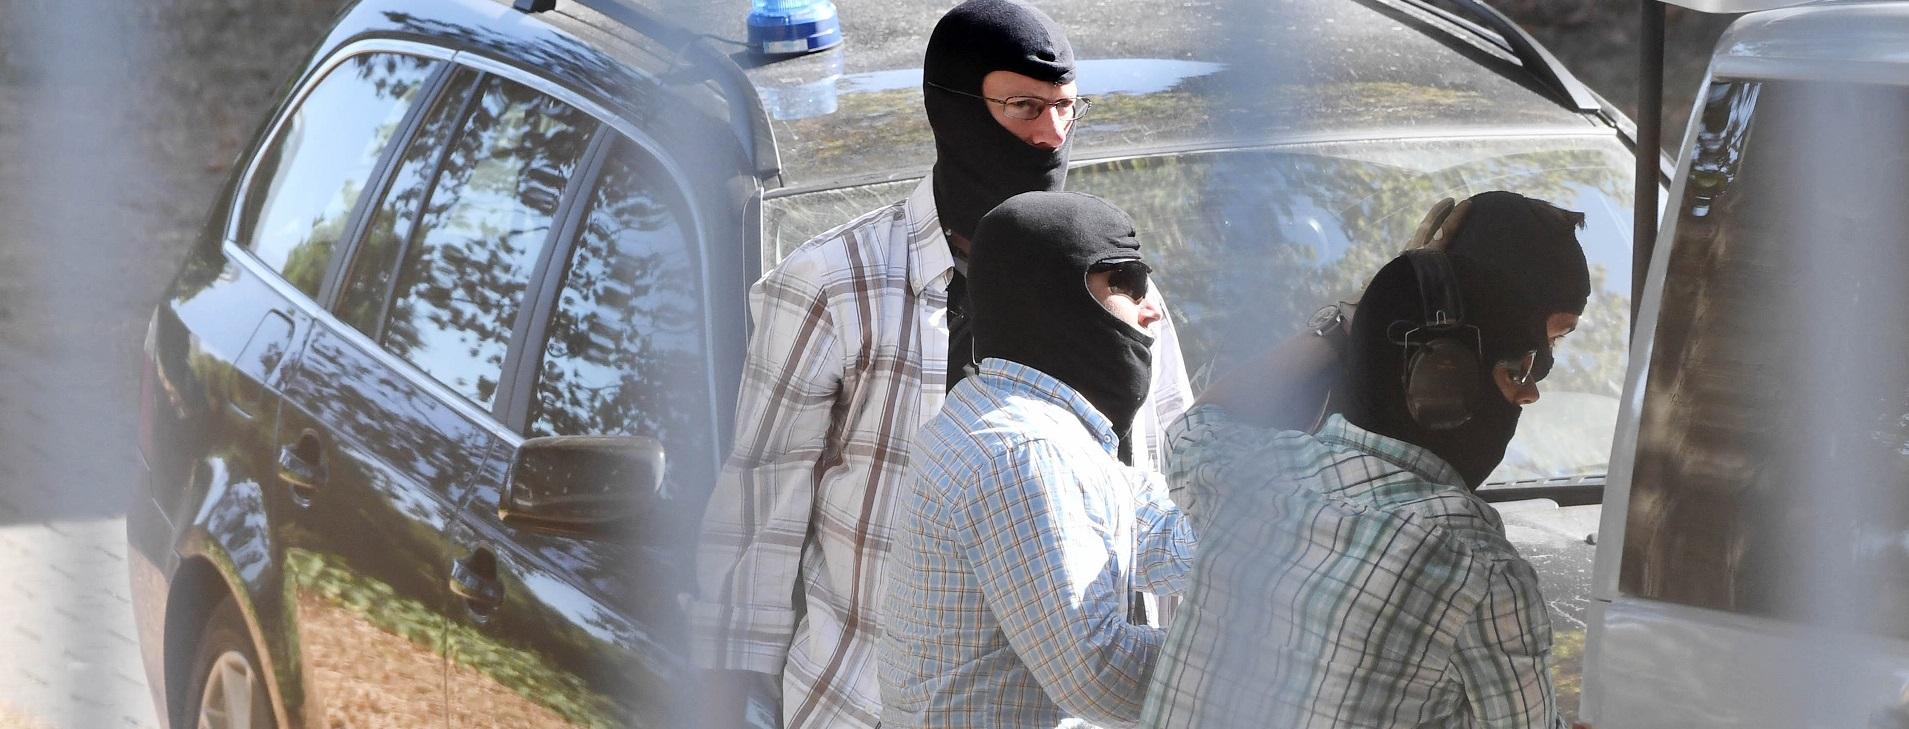 Islamista skazany za plany ataku w centrum Londynu